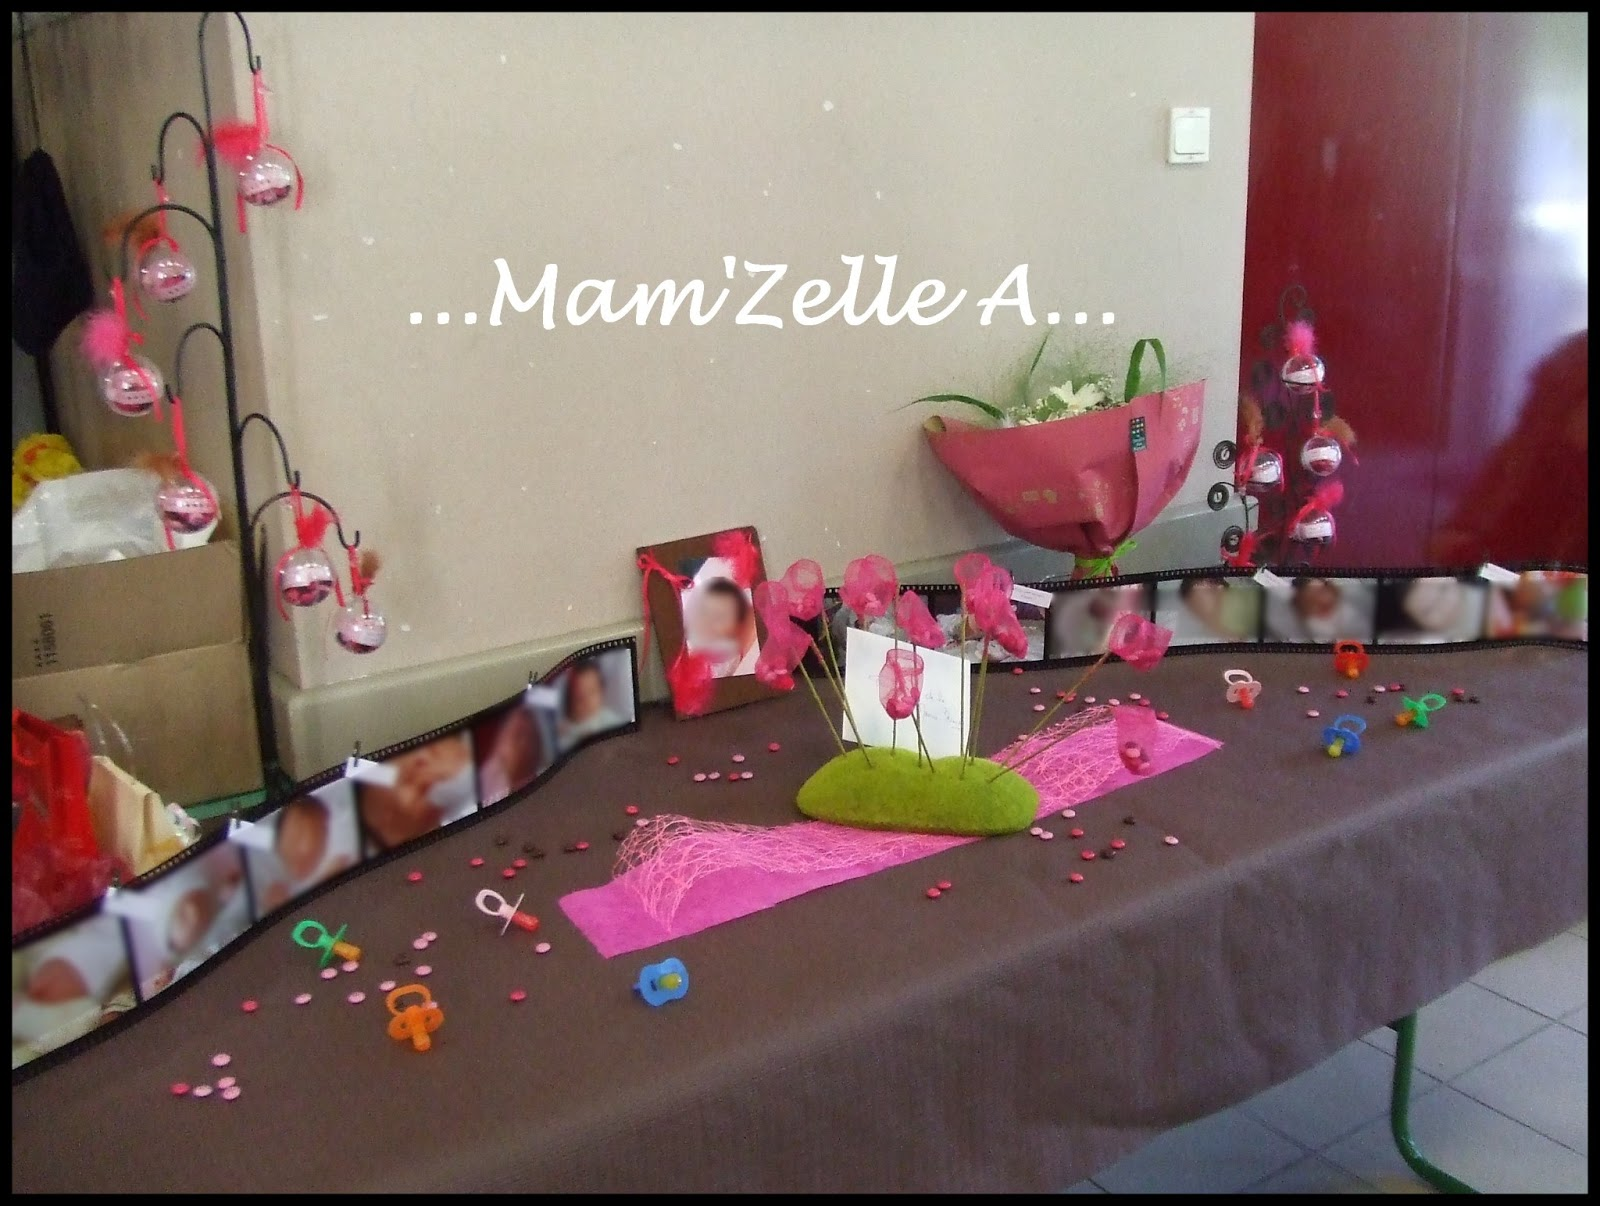 le p 39 tit train train de mam 39 zelle a de rose du marron et des bonbons. Black Bedroom Furniture Sets. Home Design Ideas